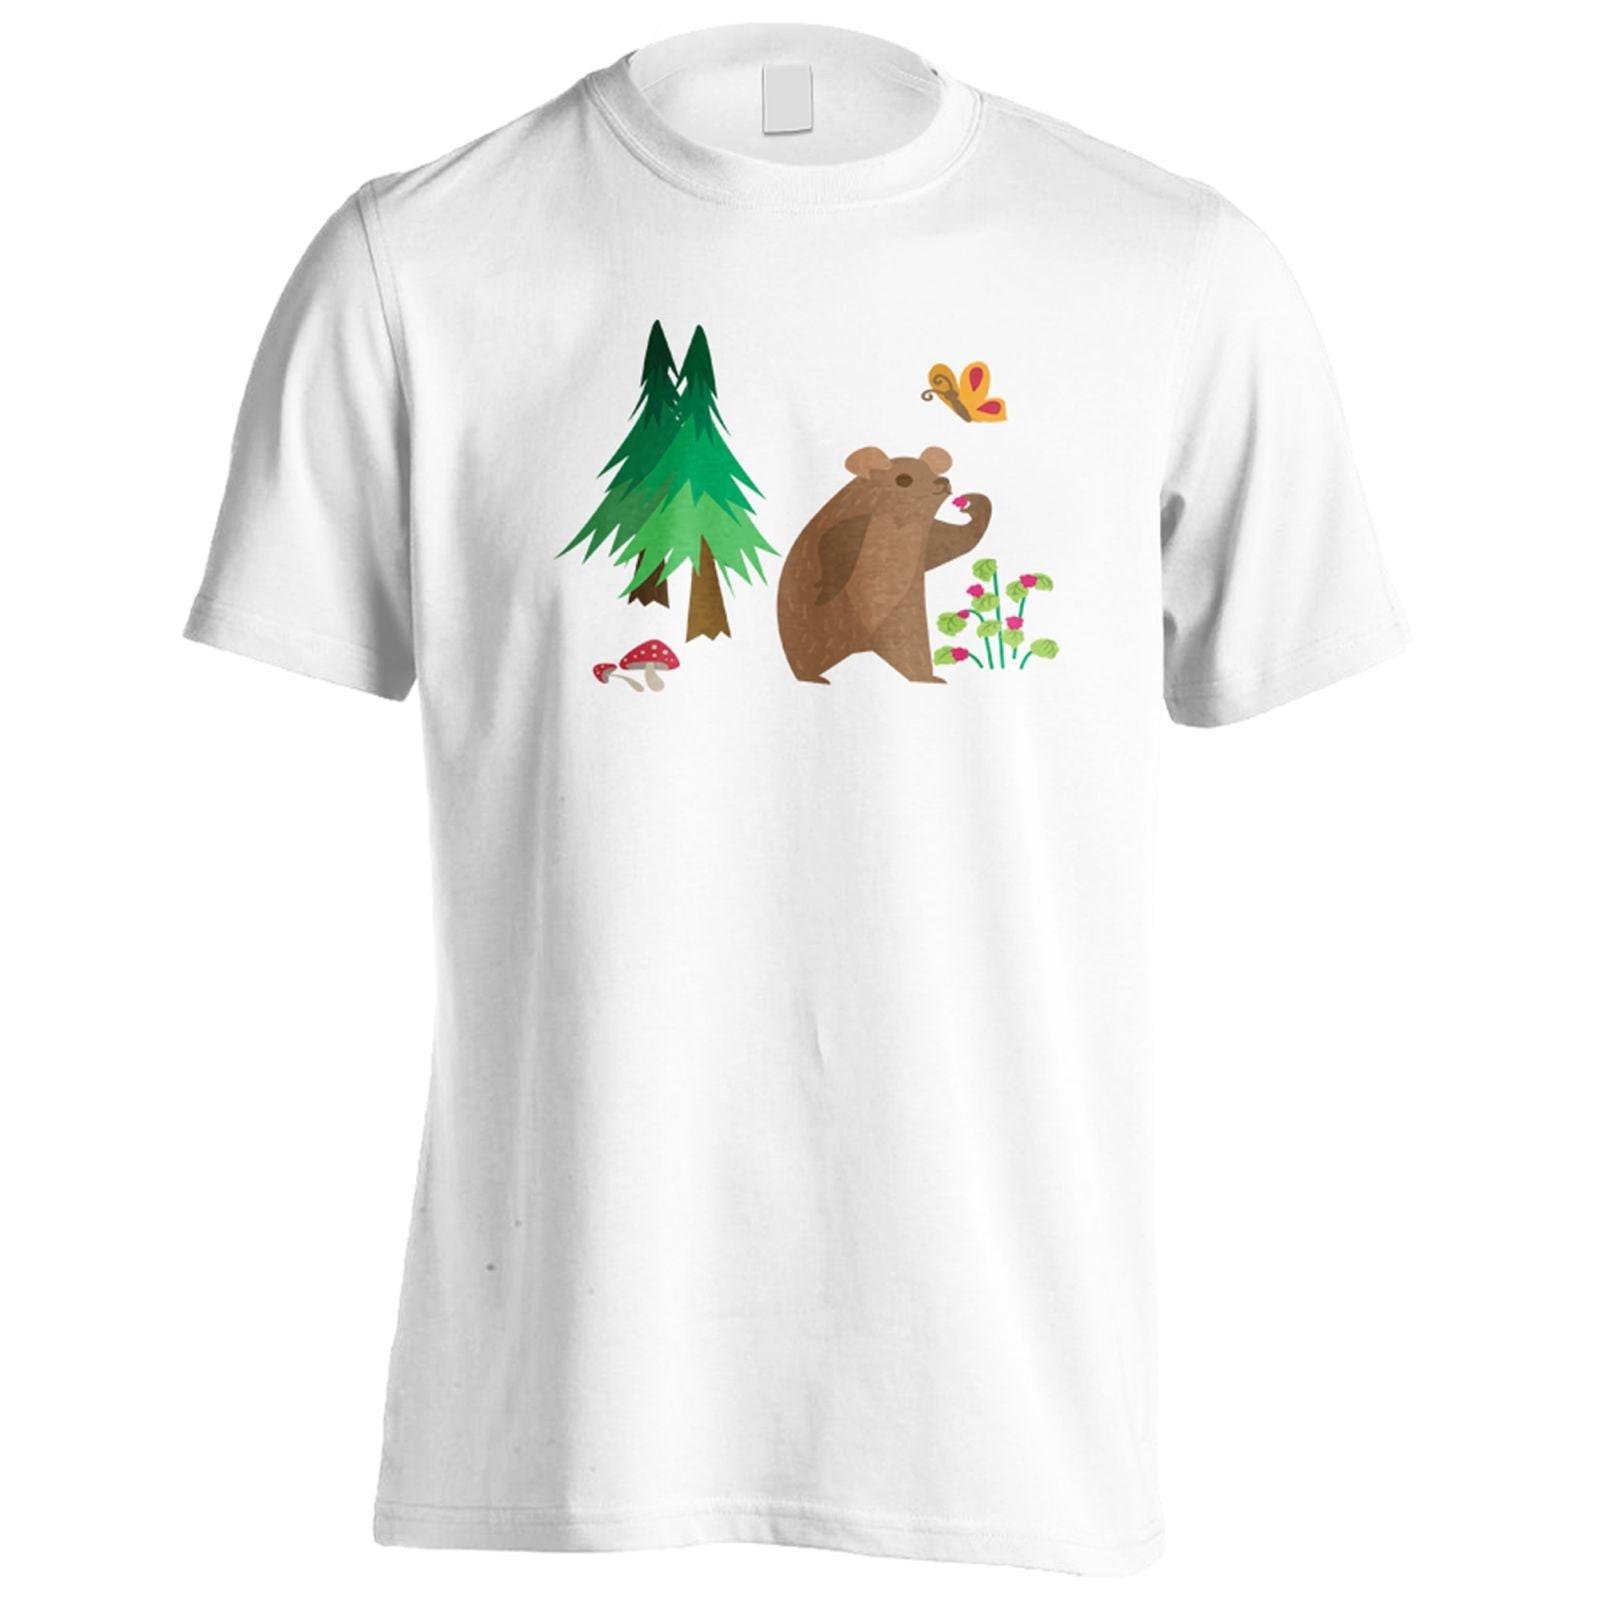 Ours en T-Shirt v963m habitat nouveauté drôle drôle drôle hommes 6beb9e